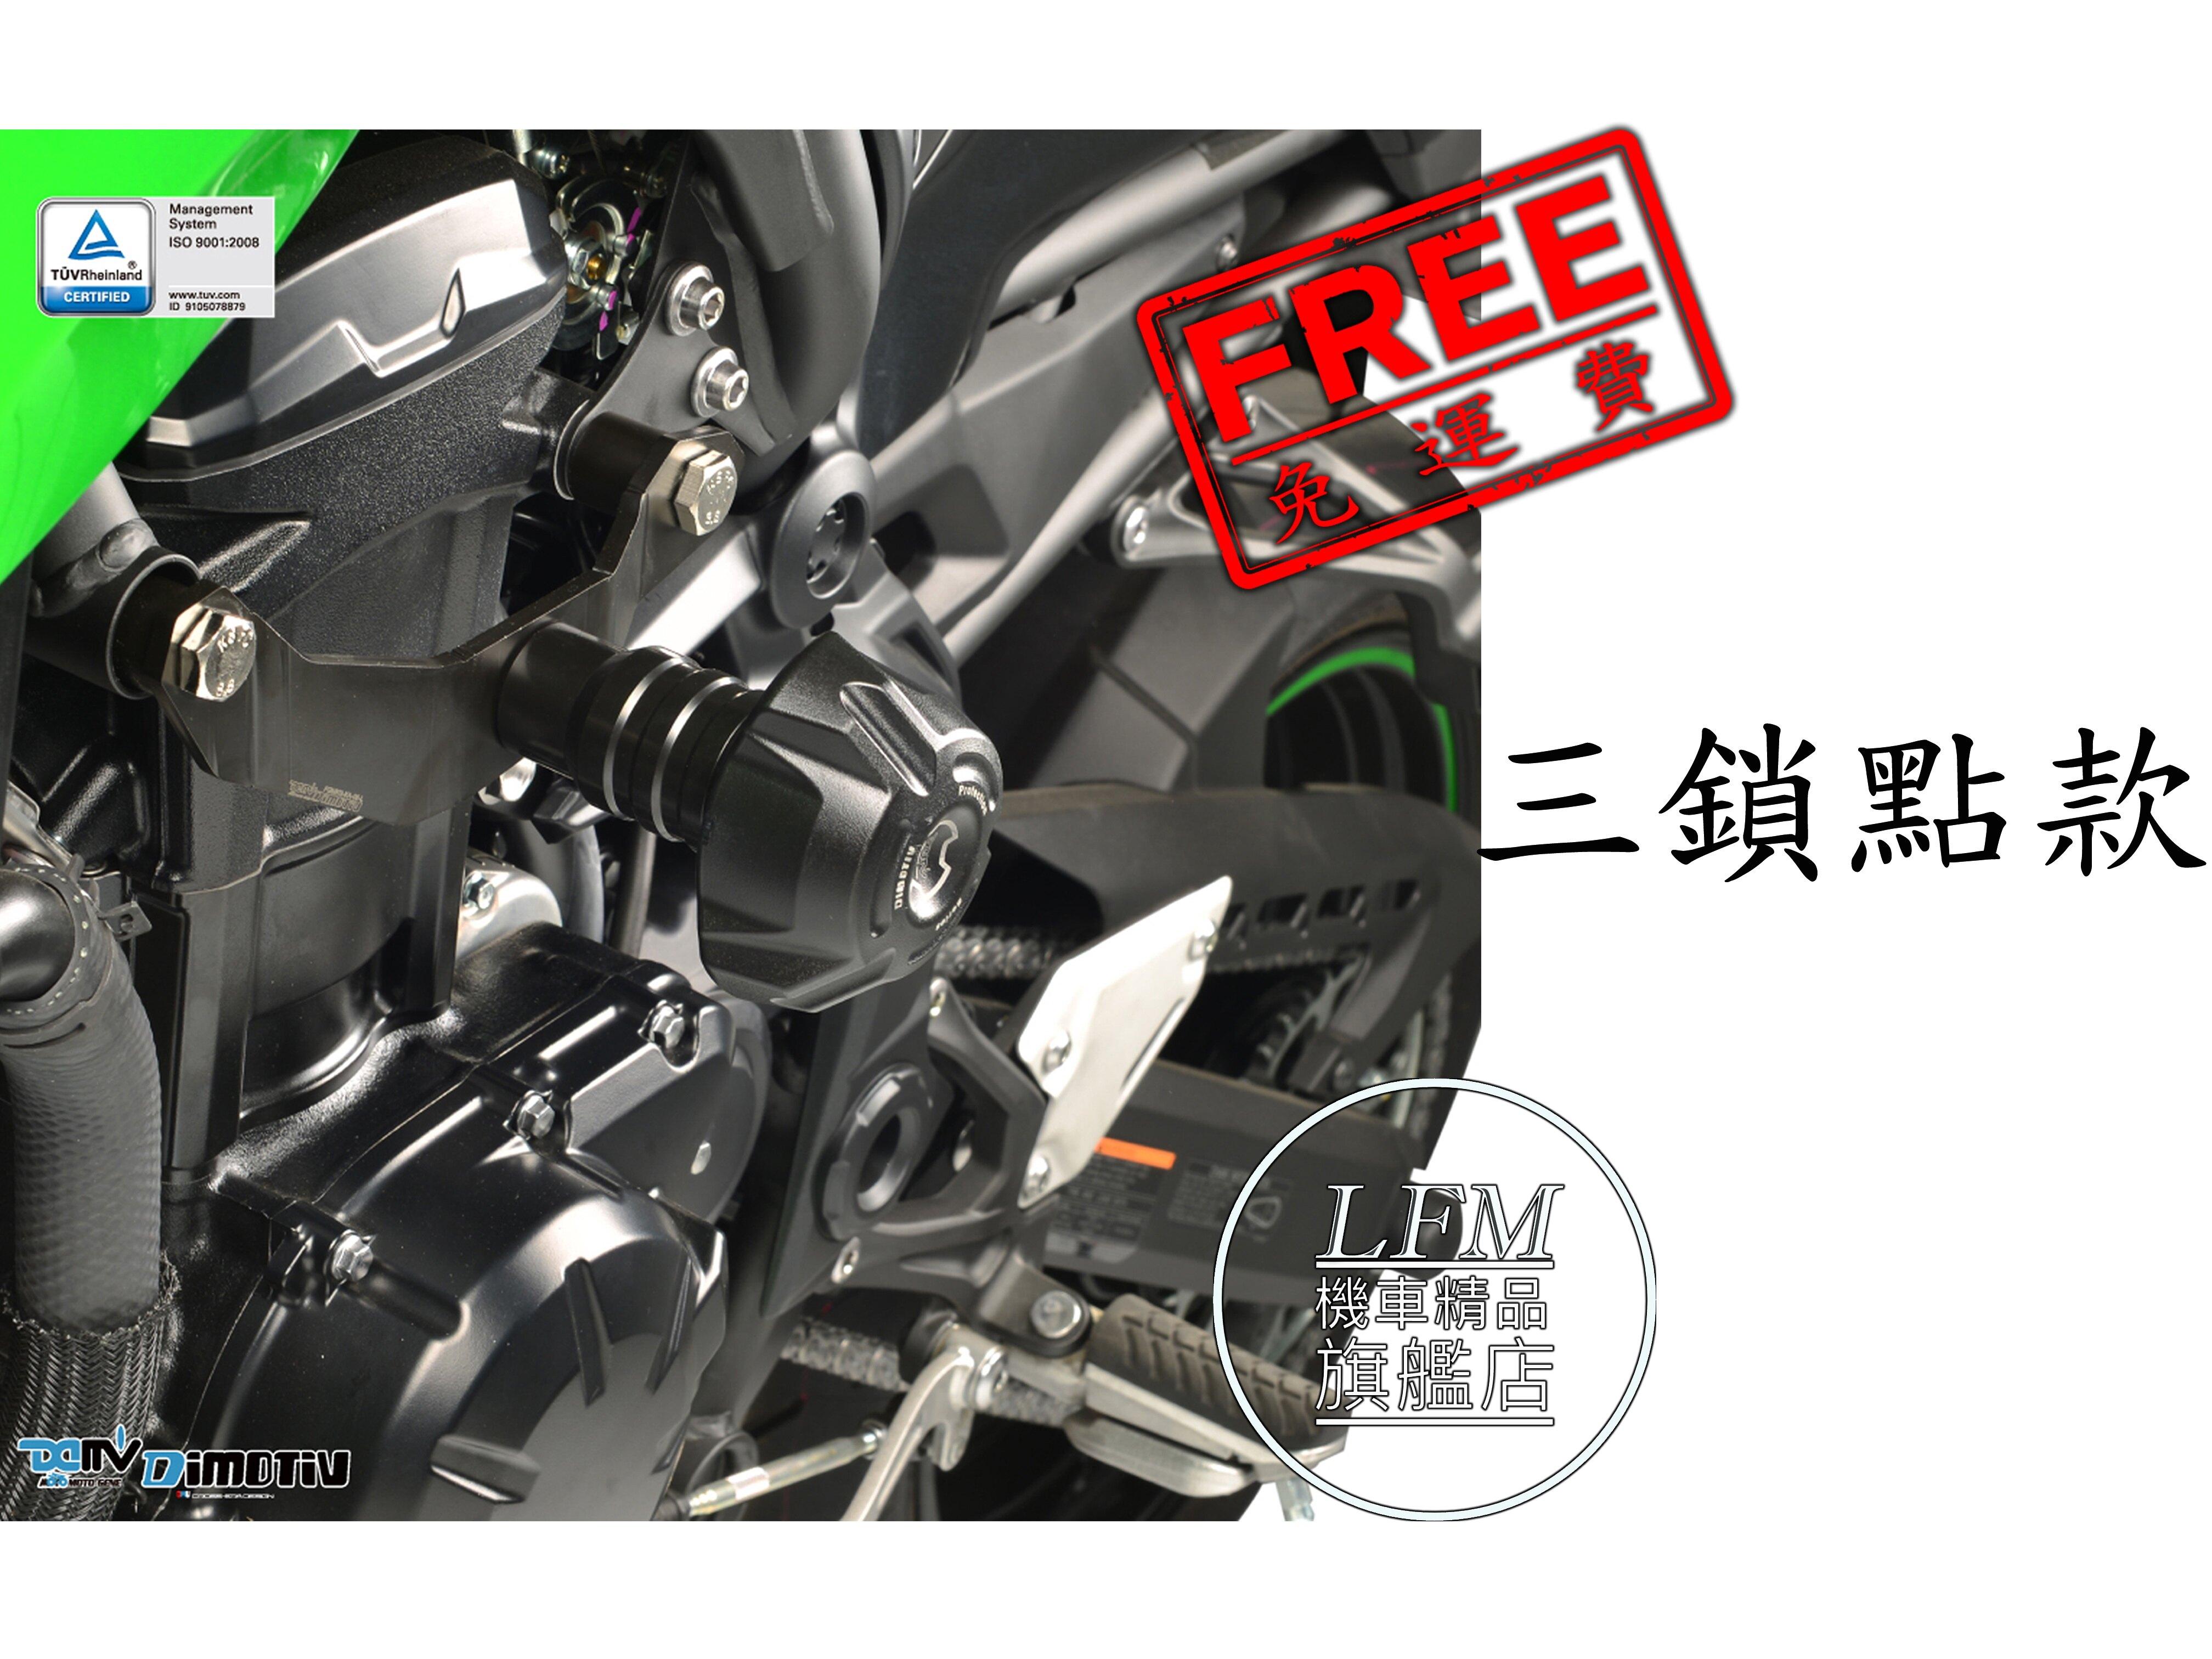 【LFM】DMV Z900 車身防摔球 Easy III 鋼鐵人 車身柱 KAWASAKI Z900 17-21